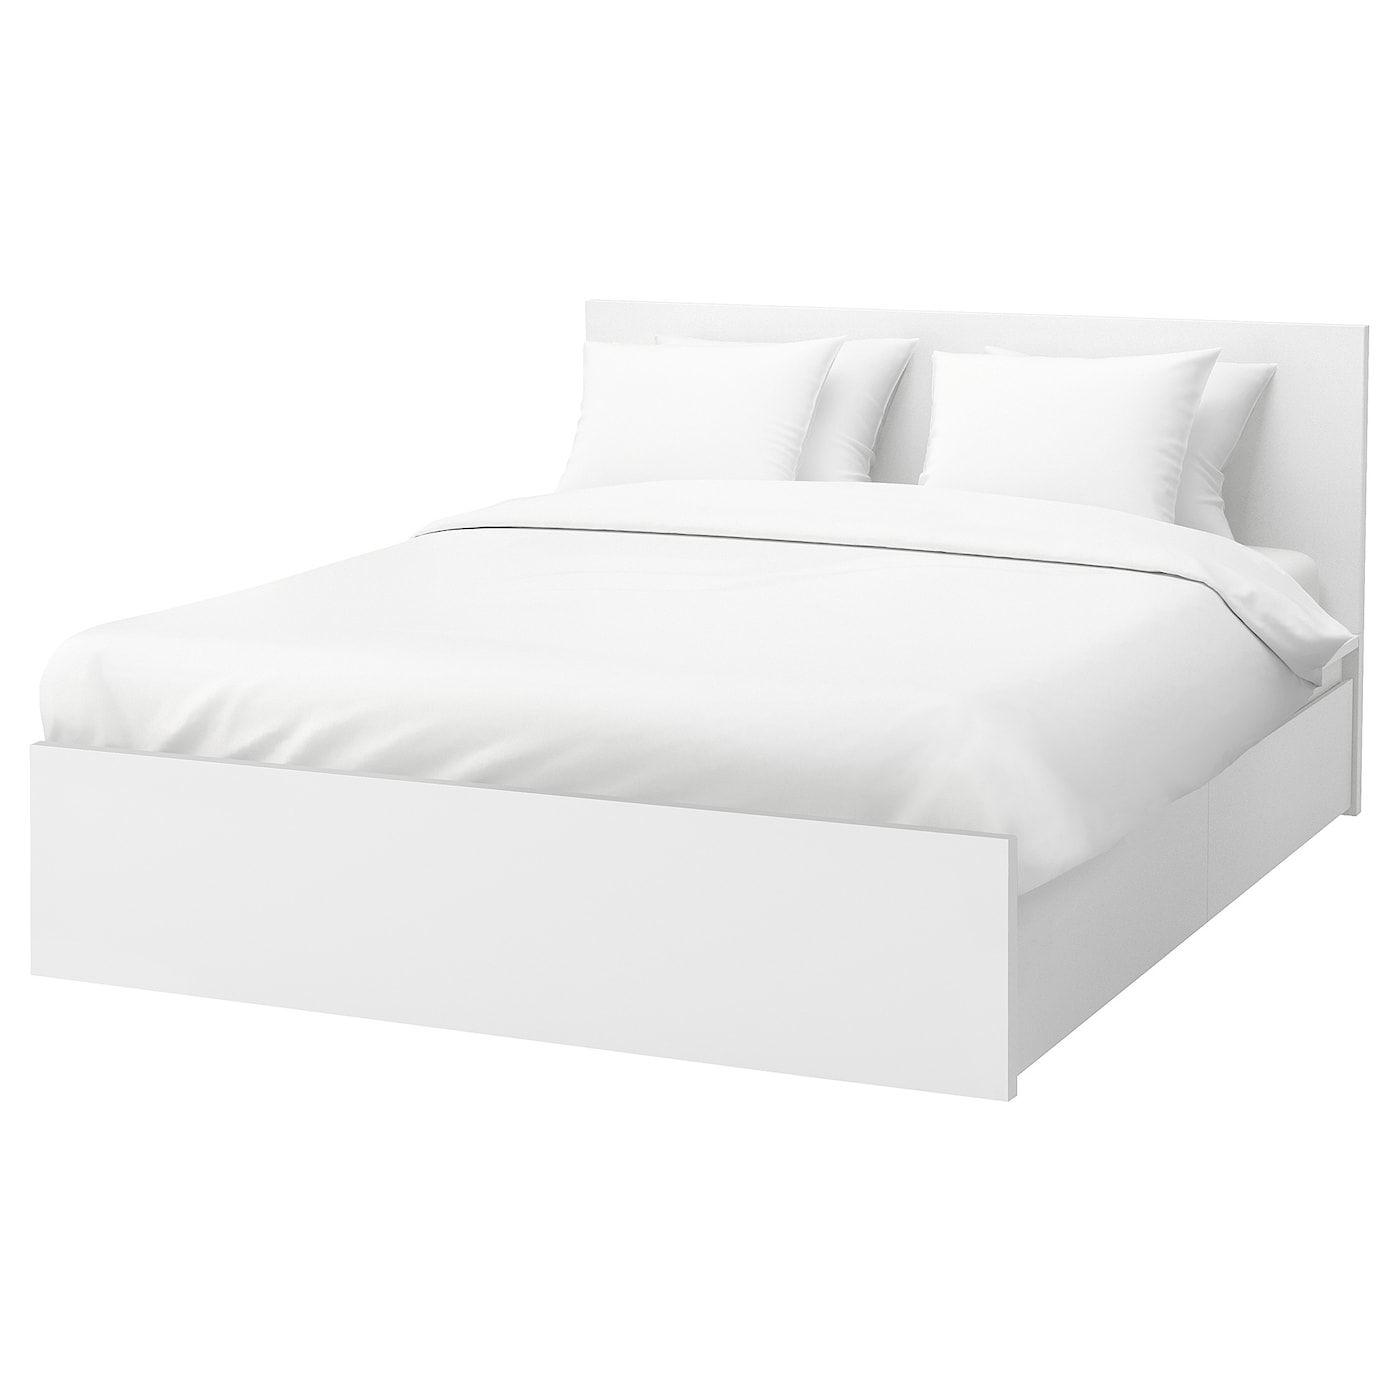 Malm Bettgestell Hoch Mit 4 Schubladen Weiss Lonset Ikea Deutschland Malm Bed Frame High Bed Frame White Bed Frame